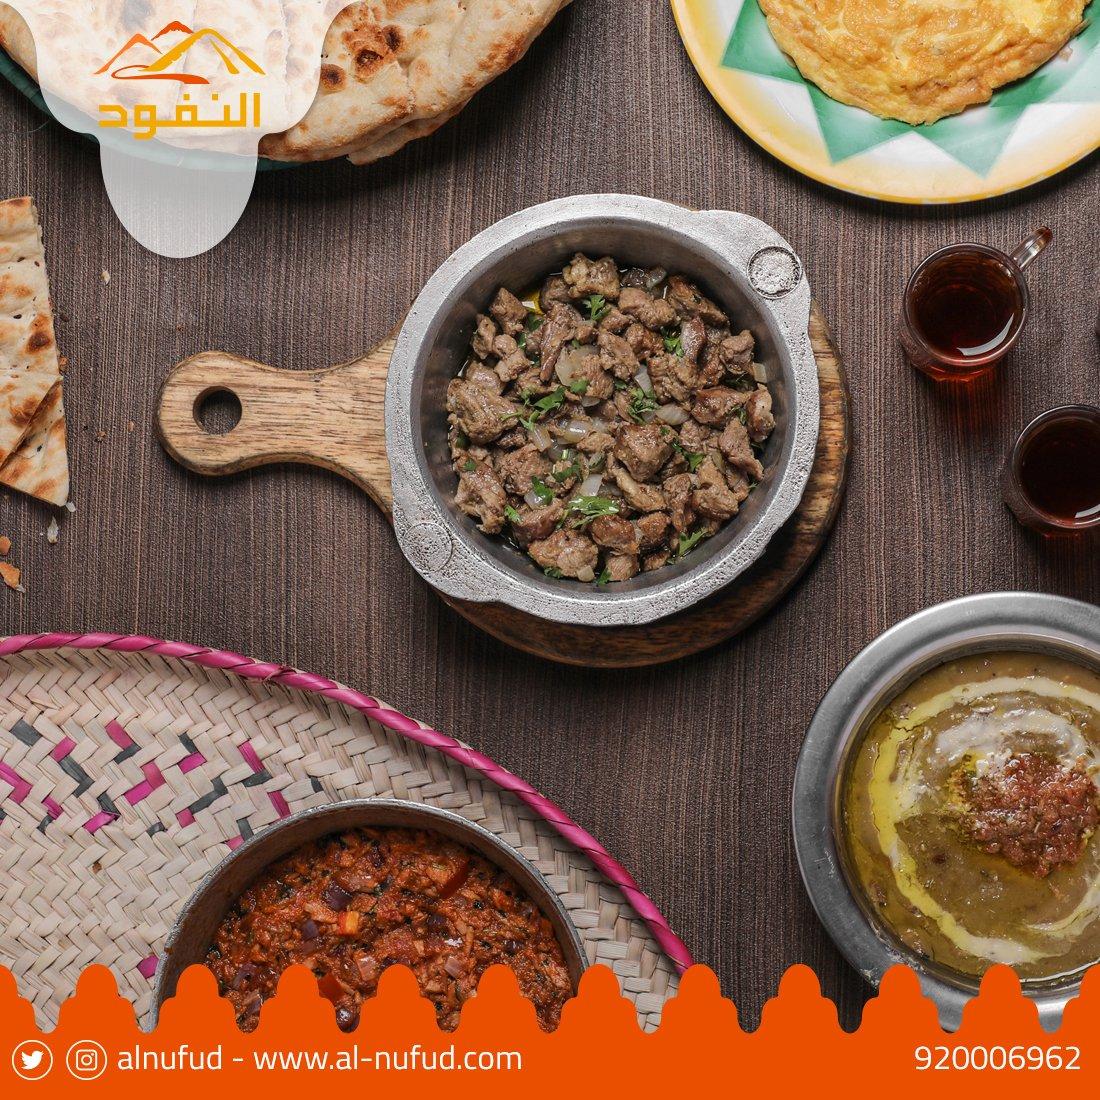 مطعم النفود On Twitter مندي مندي النفود المندي على اصوله